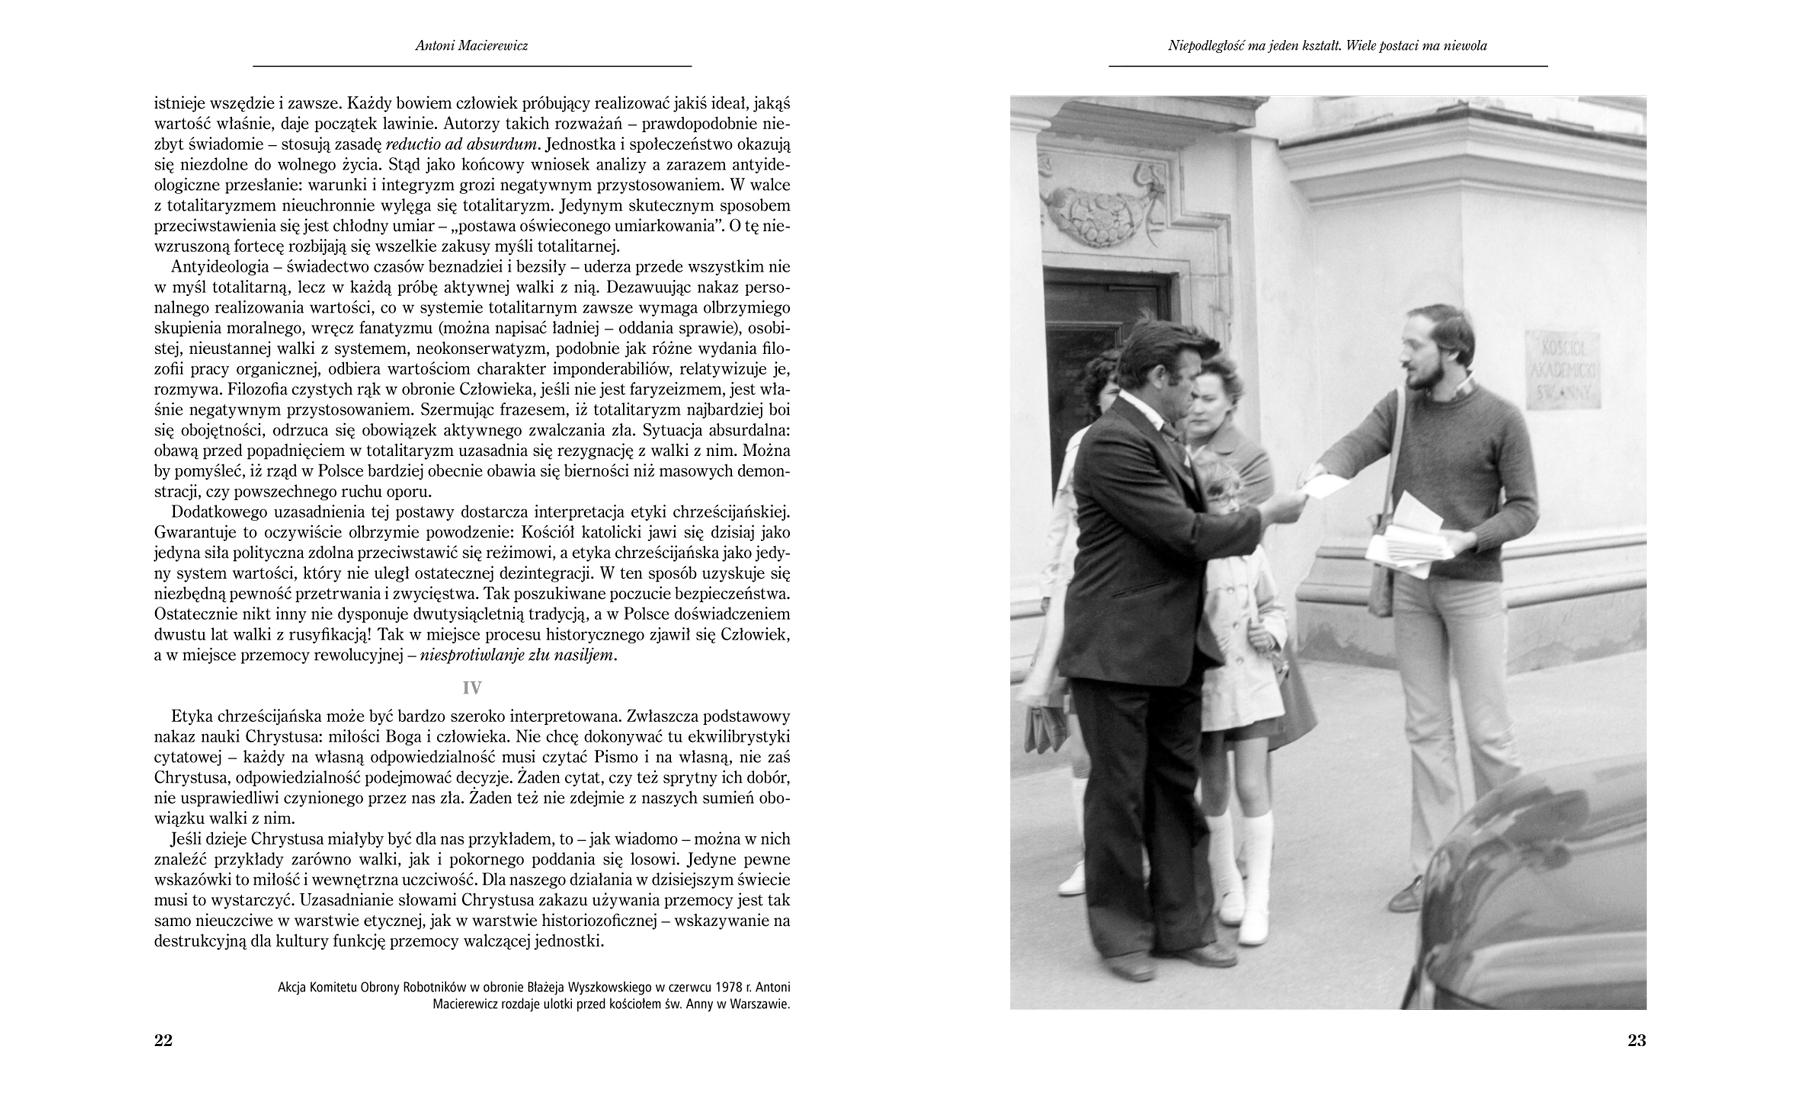 Głos Niepodległości - strony 22-23